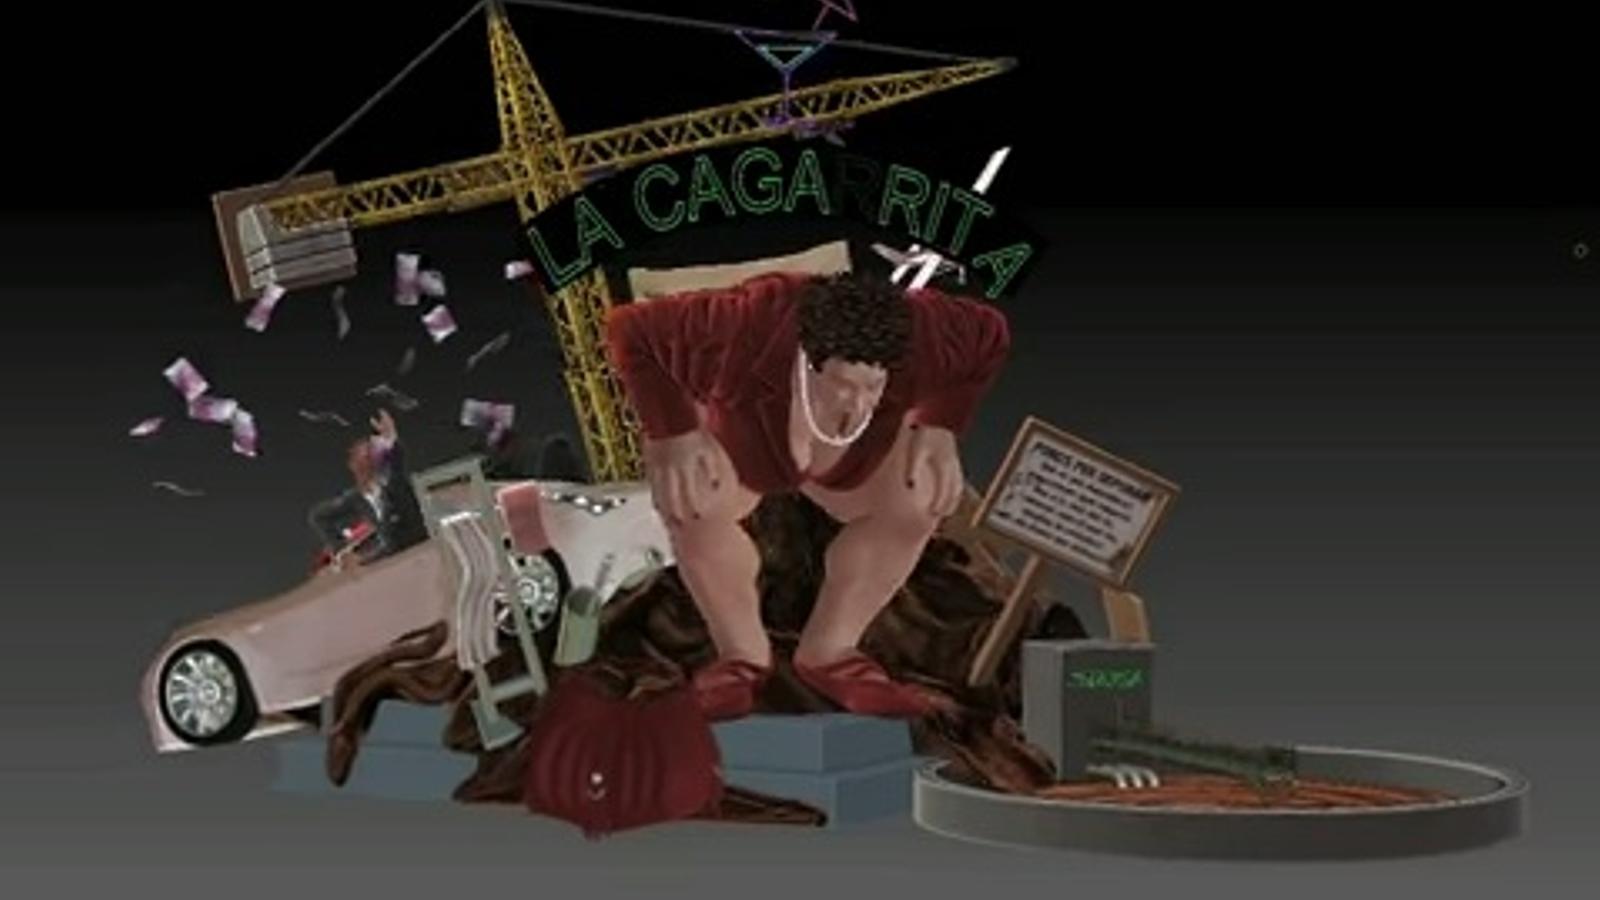 'La Caga Rita': la primera falla virtual en 3D de la història